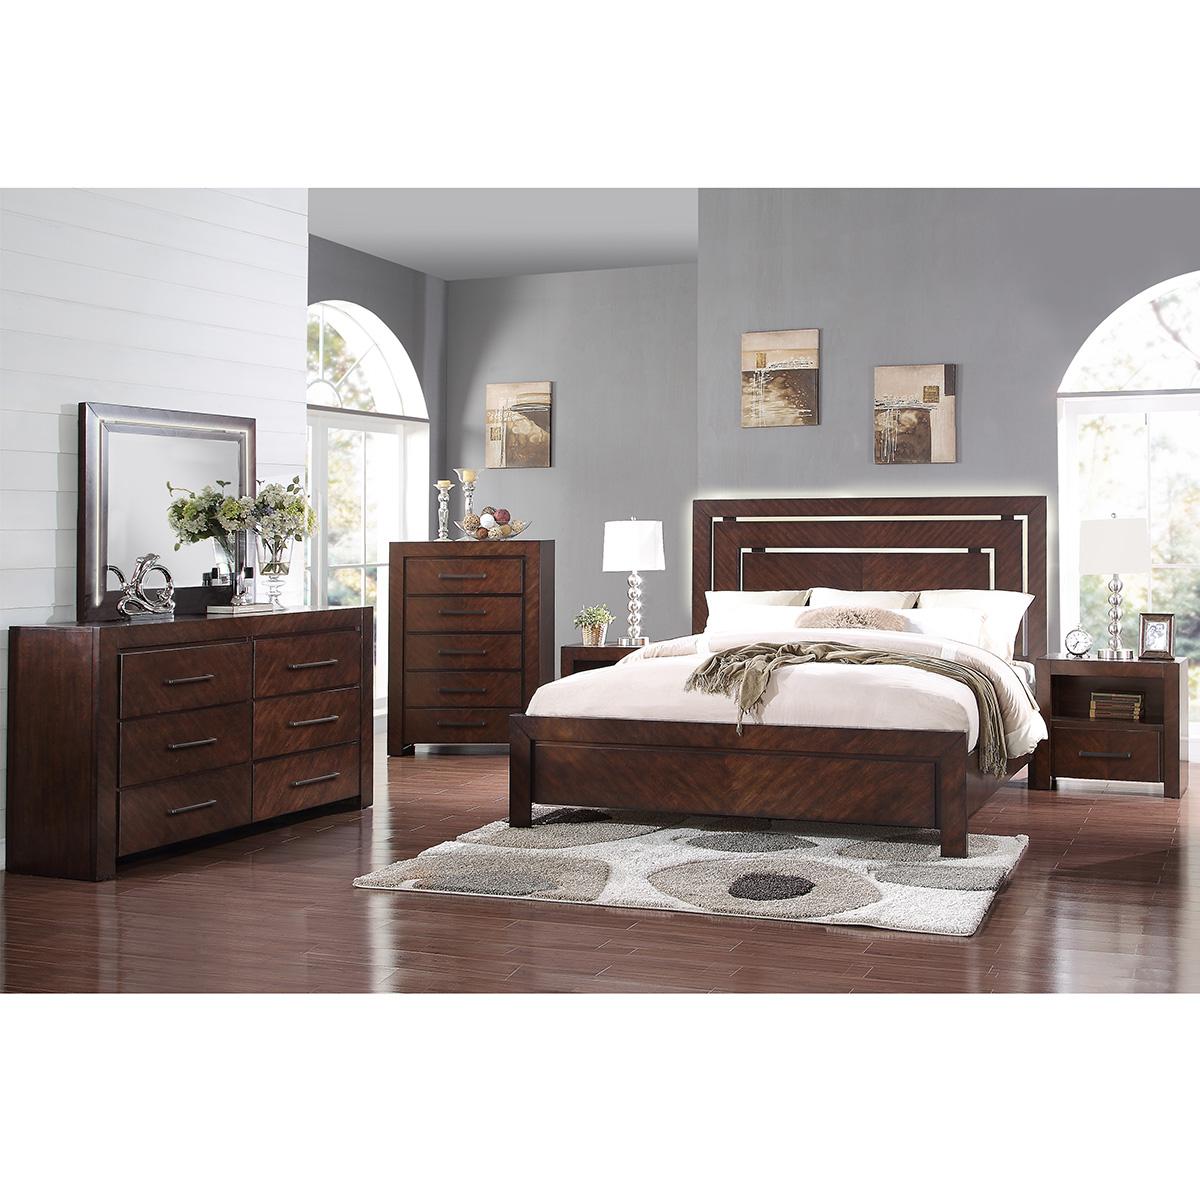 Legends City Lights 6 Piece Queen Bedroom Set Walnut